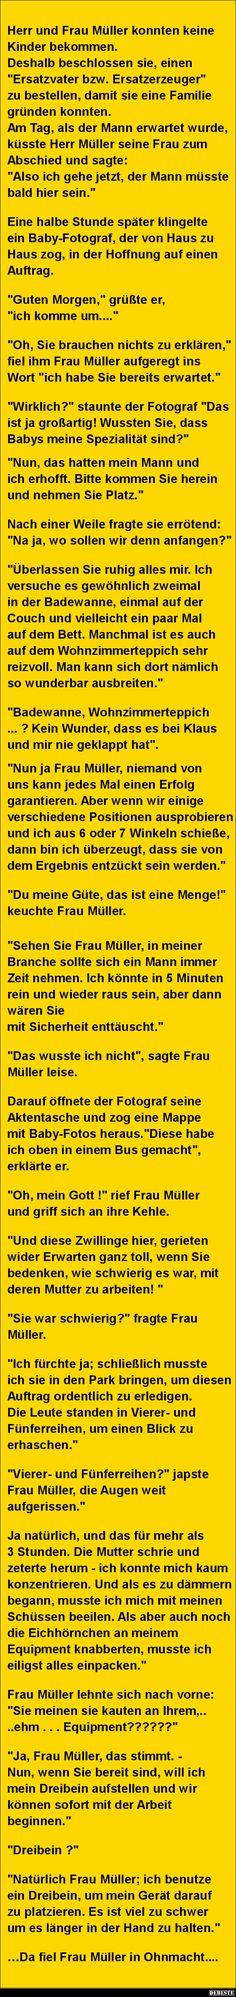 Herr und Frau Müller konnten keine Kinder bekommen...